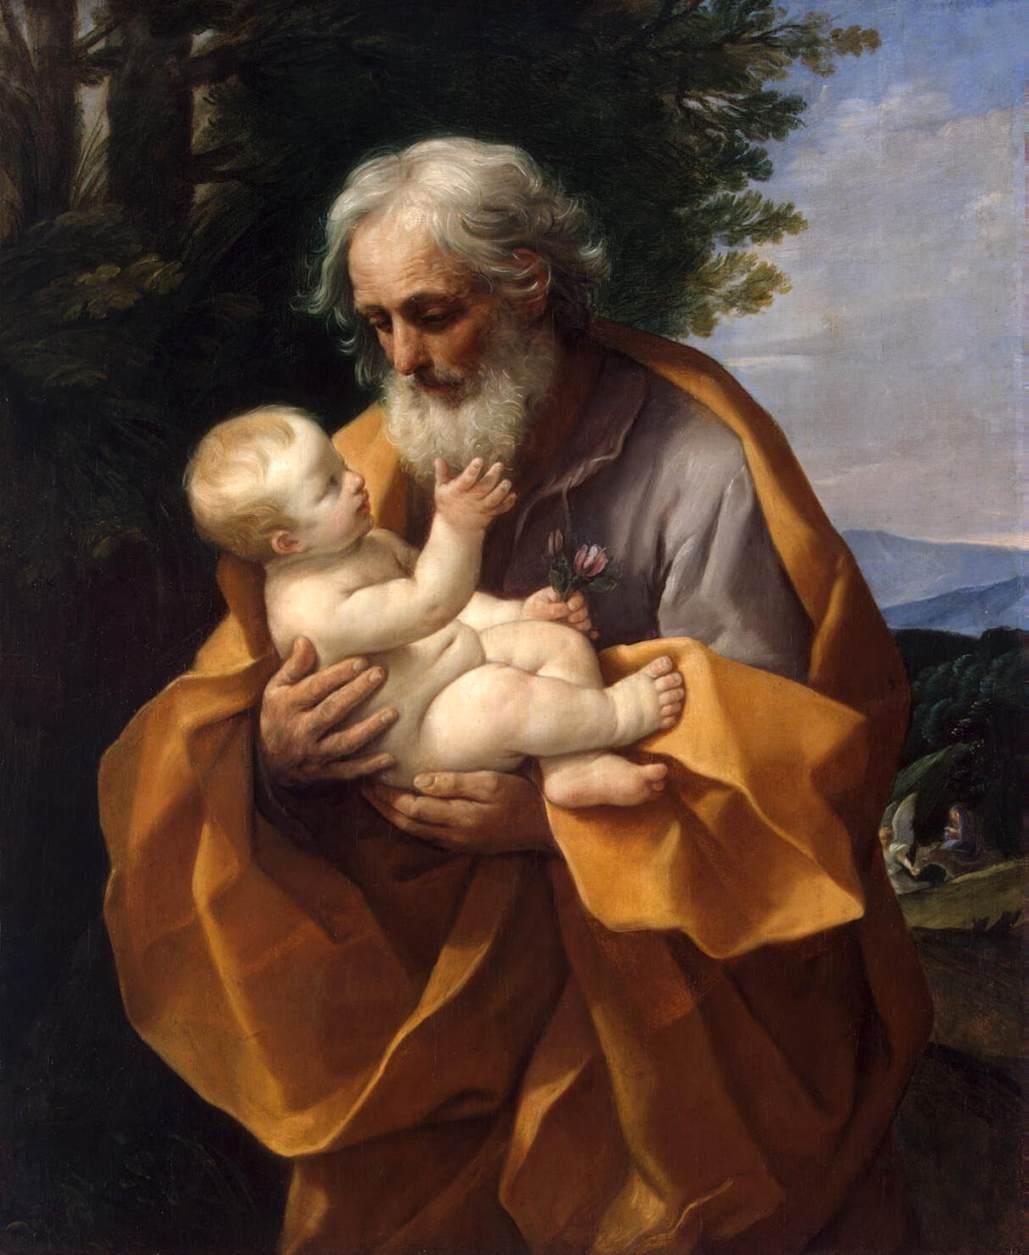 Ngày 19/03: Thánh Giuse